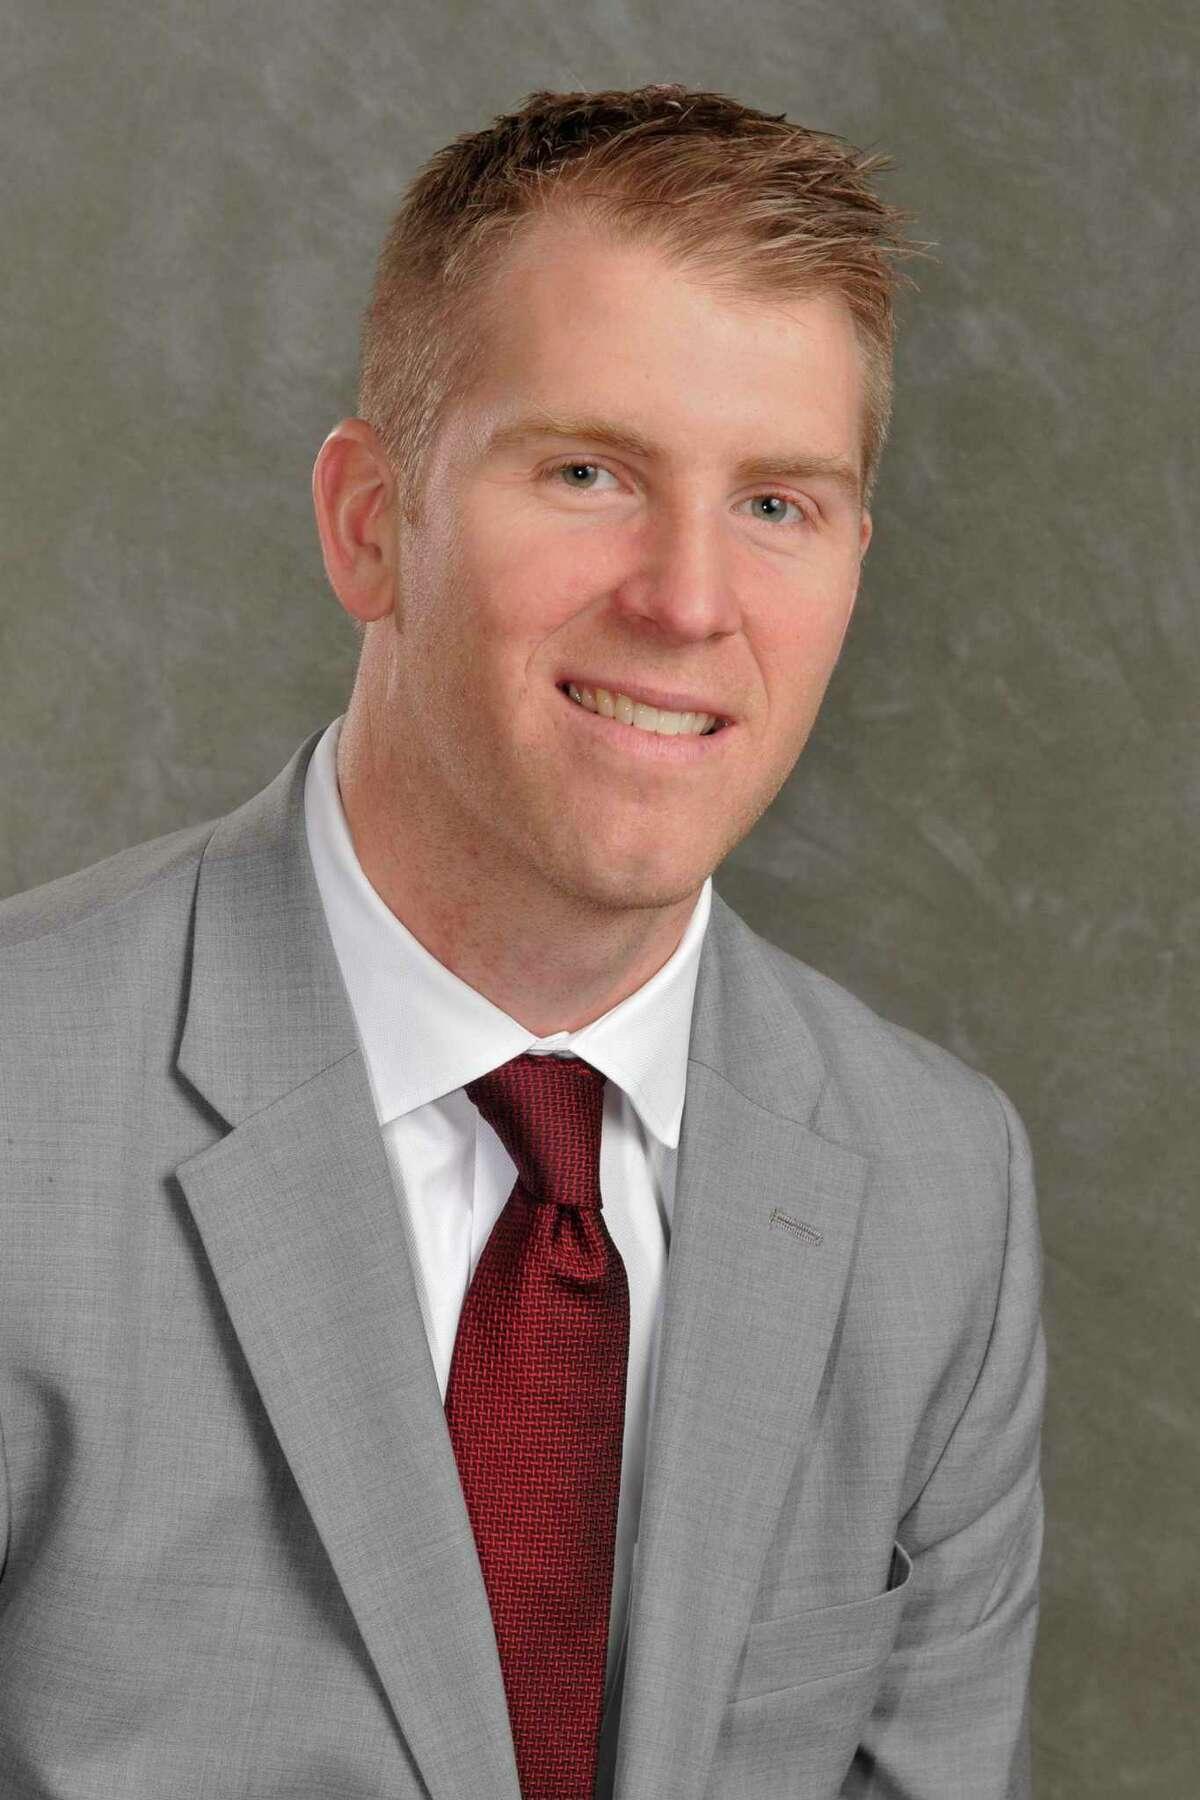 Craig Dennis